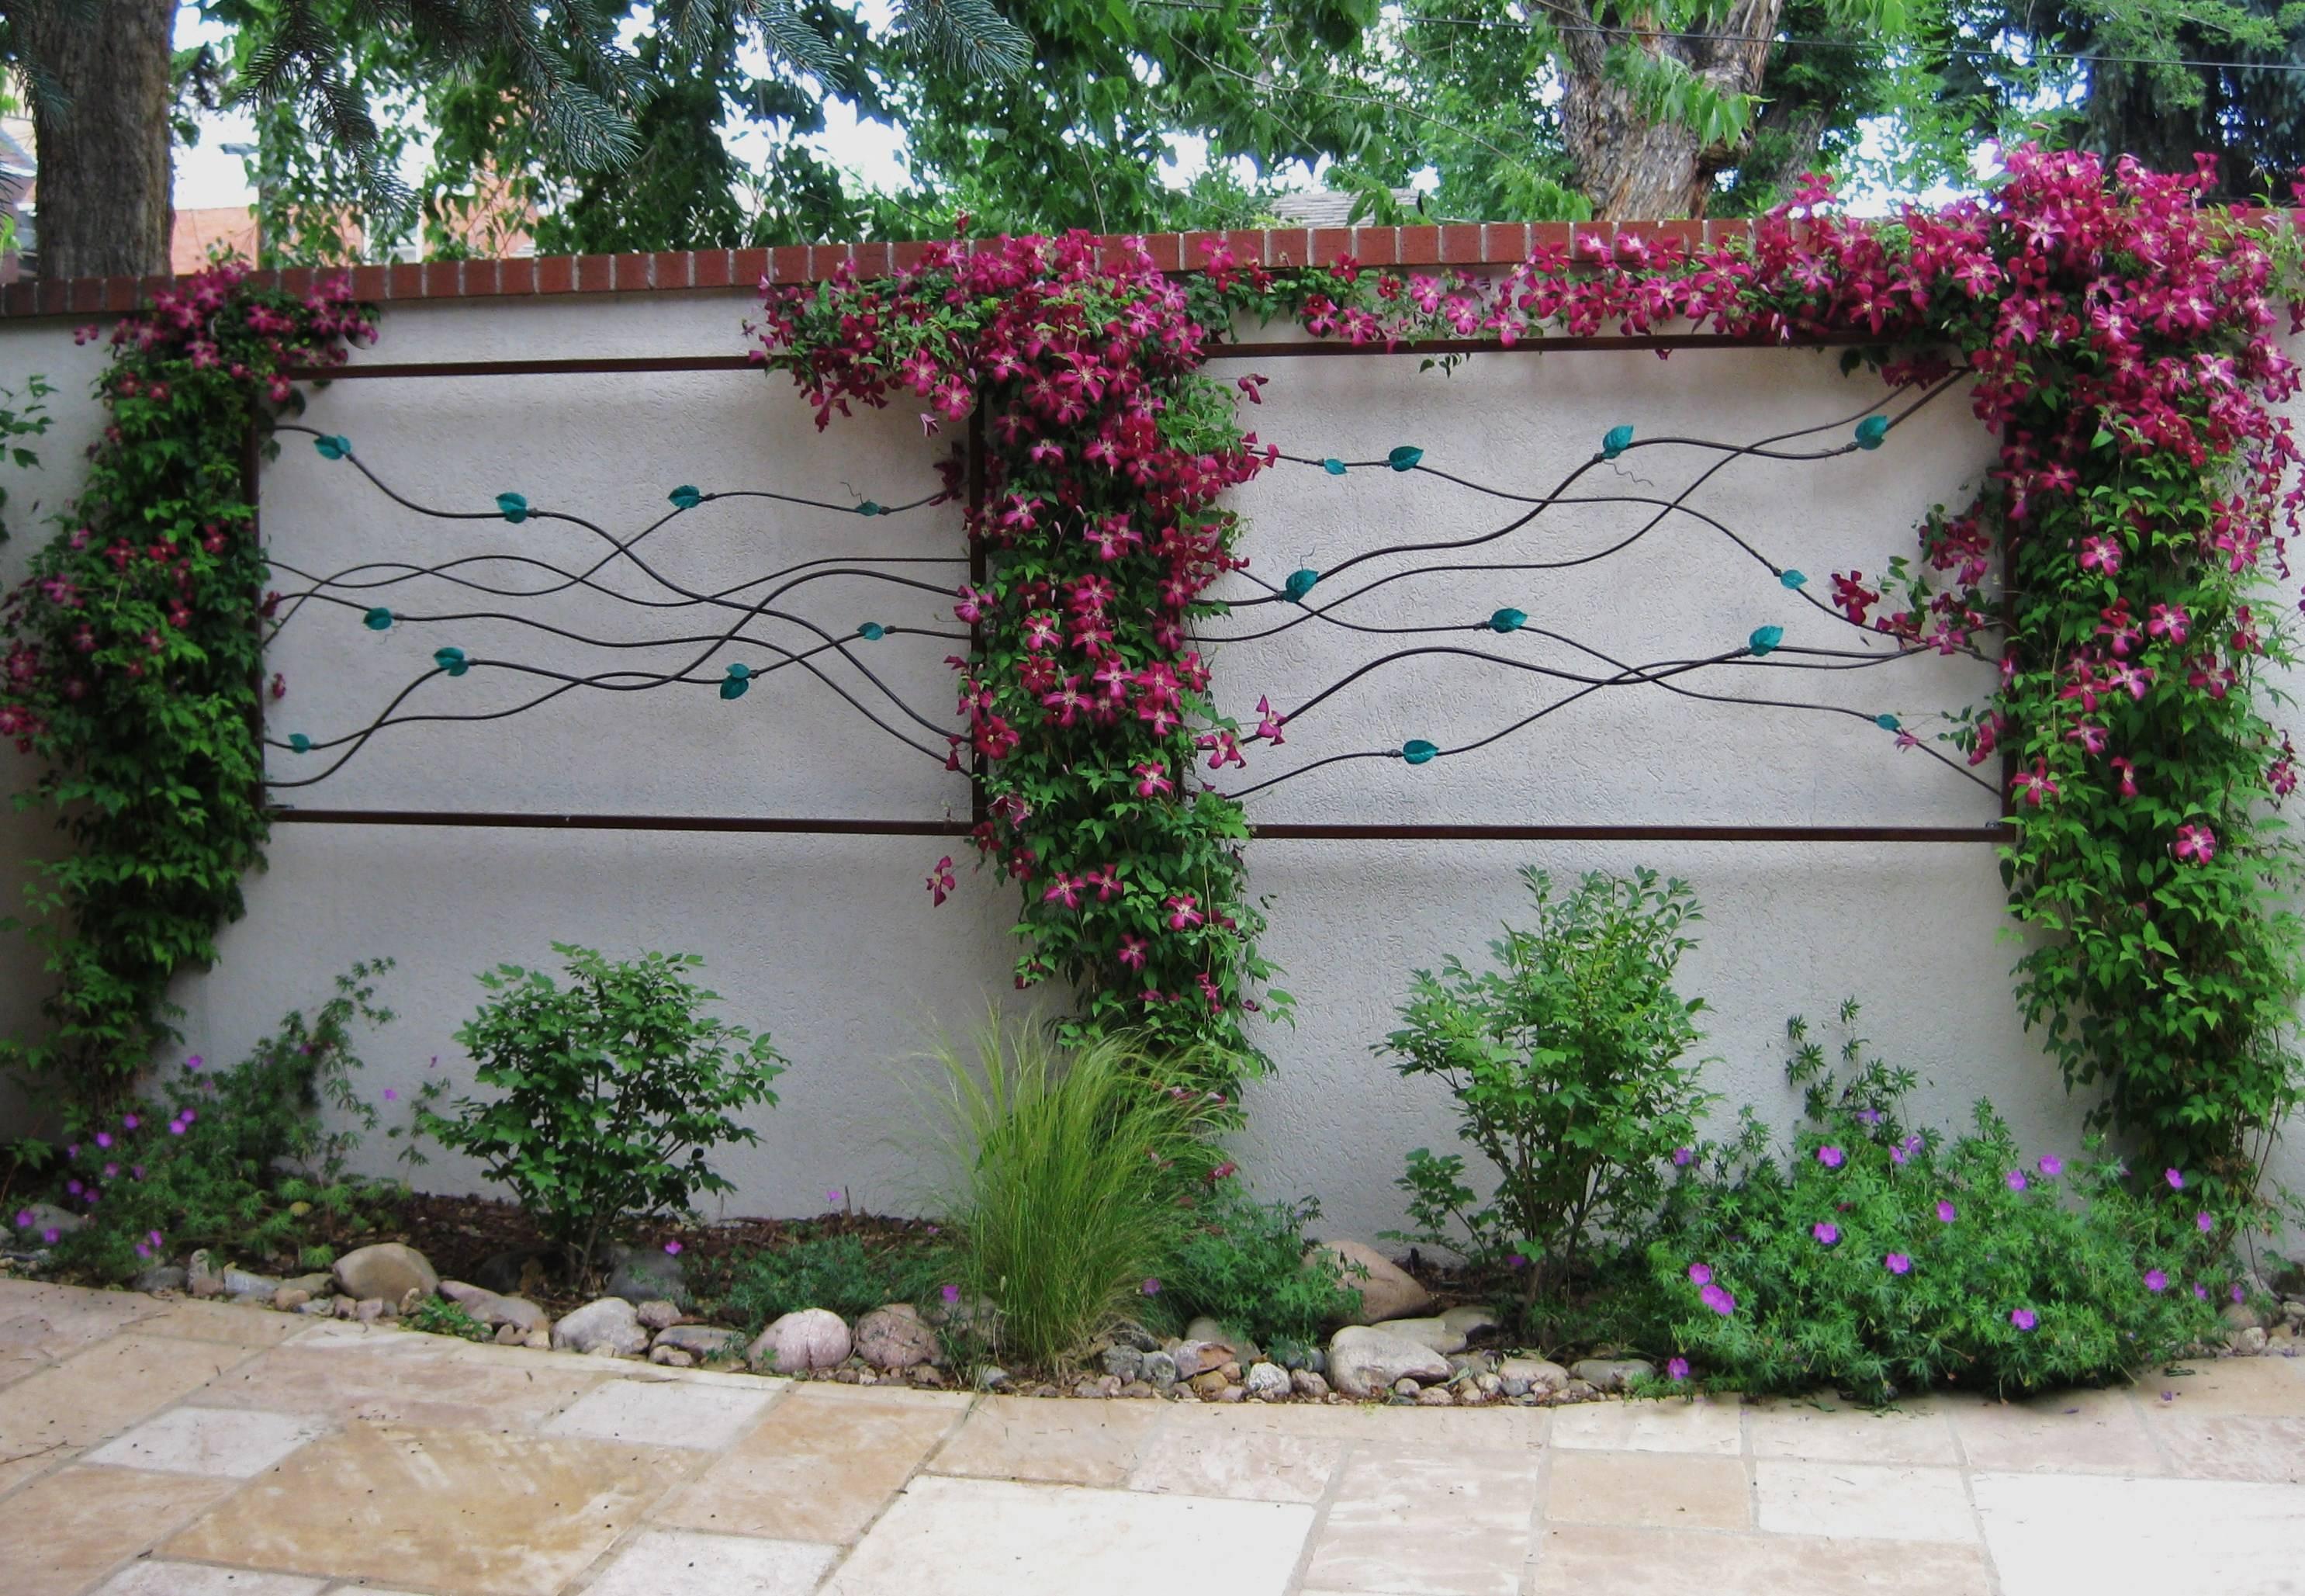 Diy Outdoor Garden Wall Art Decor Gorgeous Outdoor Wall (View 5 of 31)